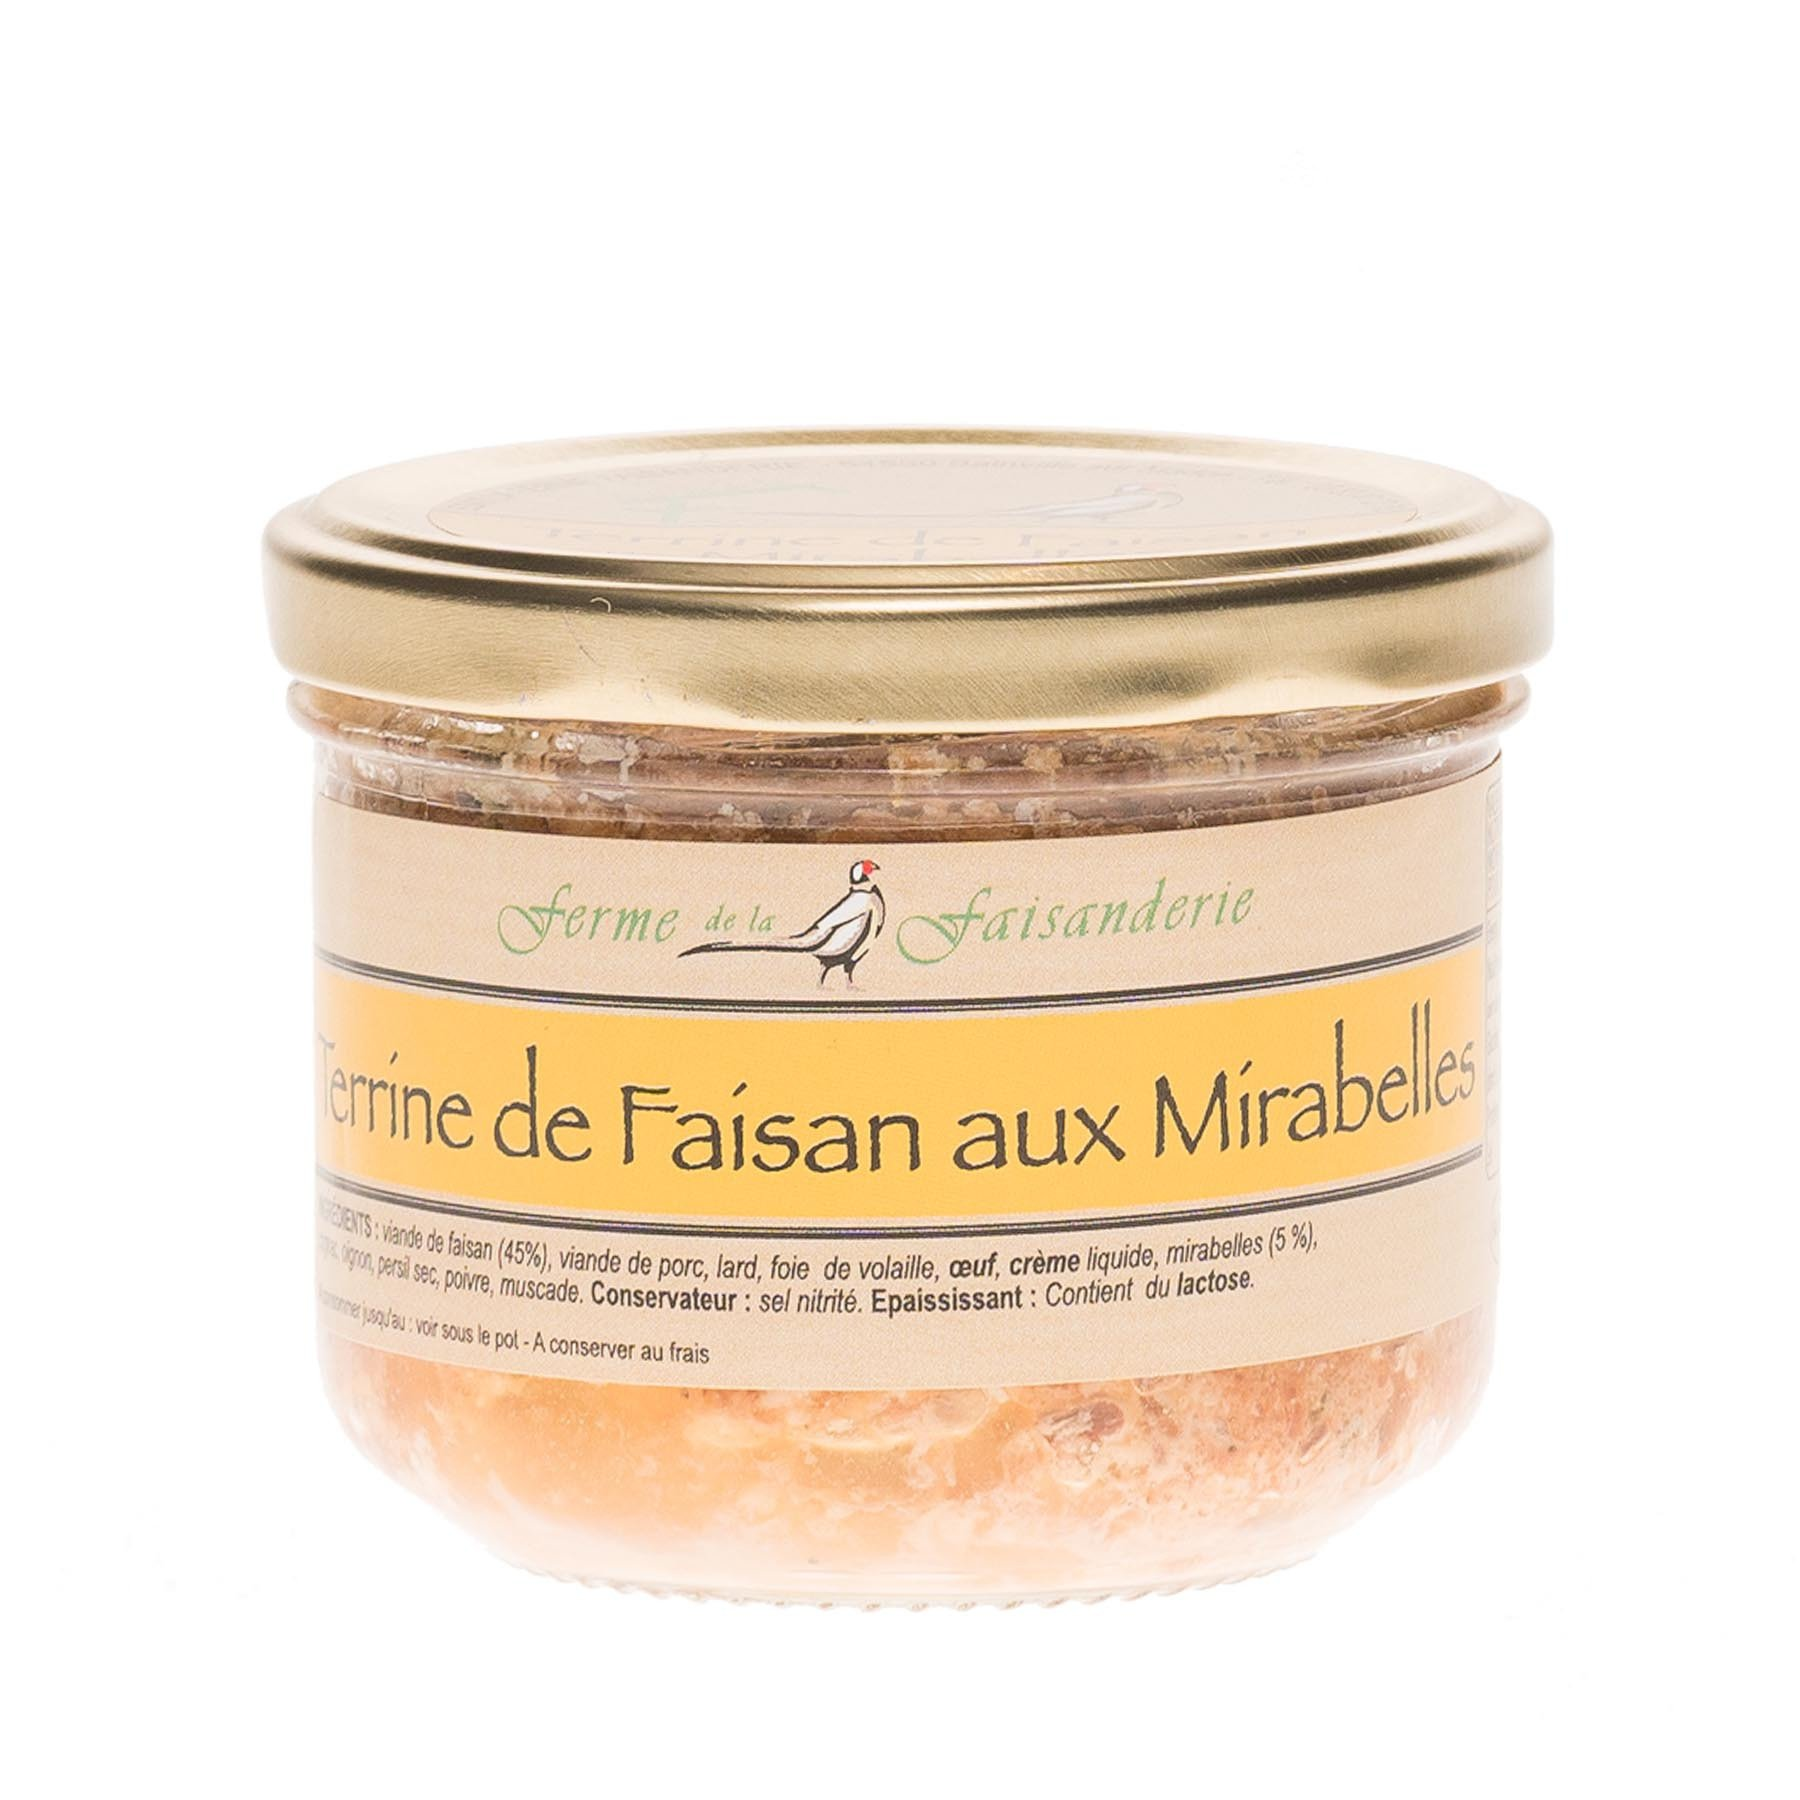 Terrine de faisan aux mirabelles, 200gr